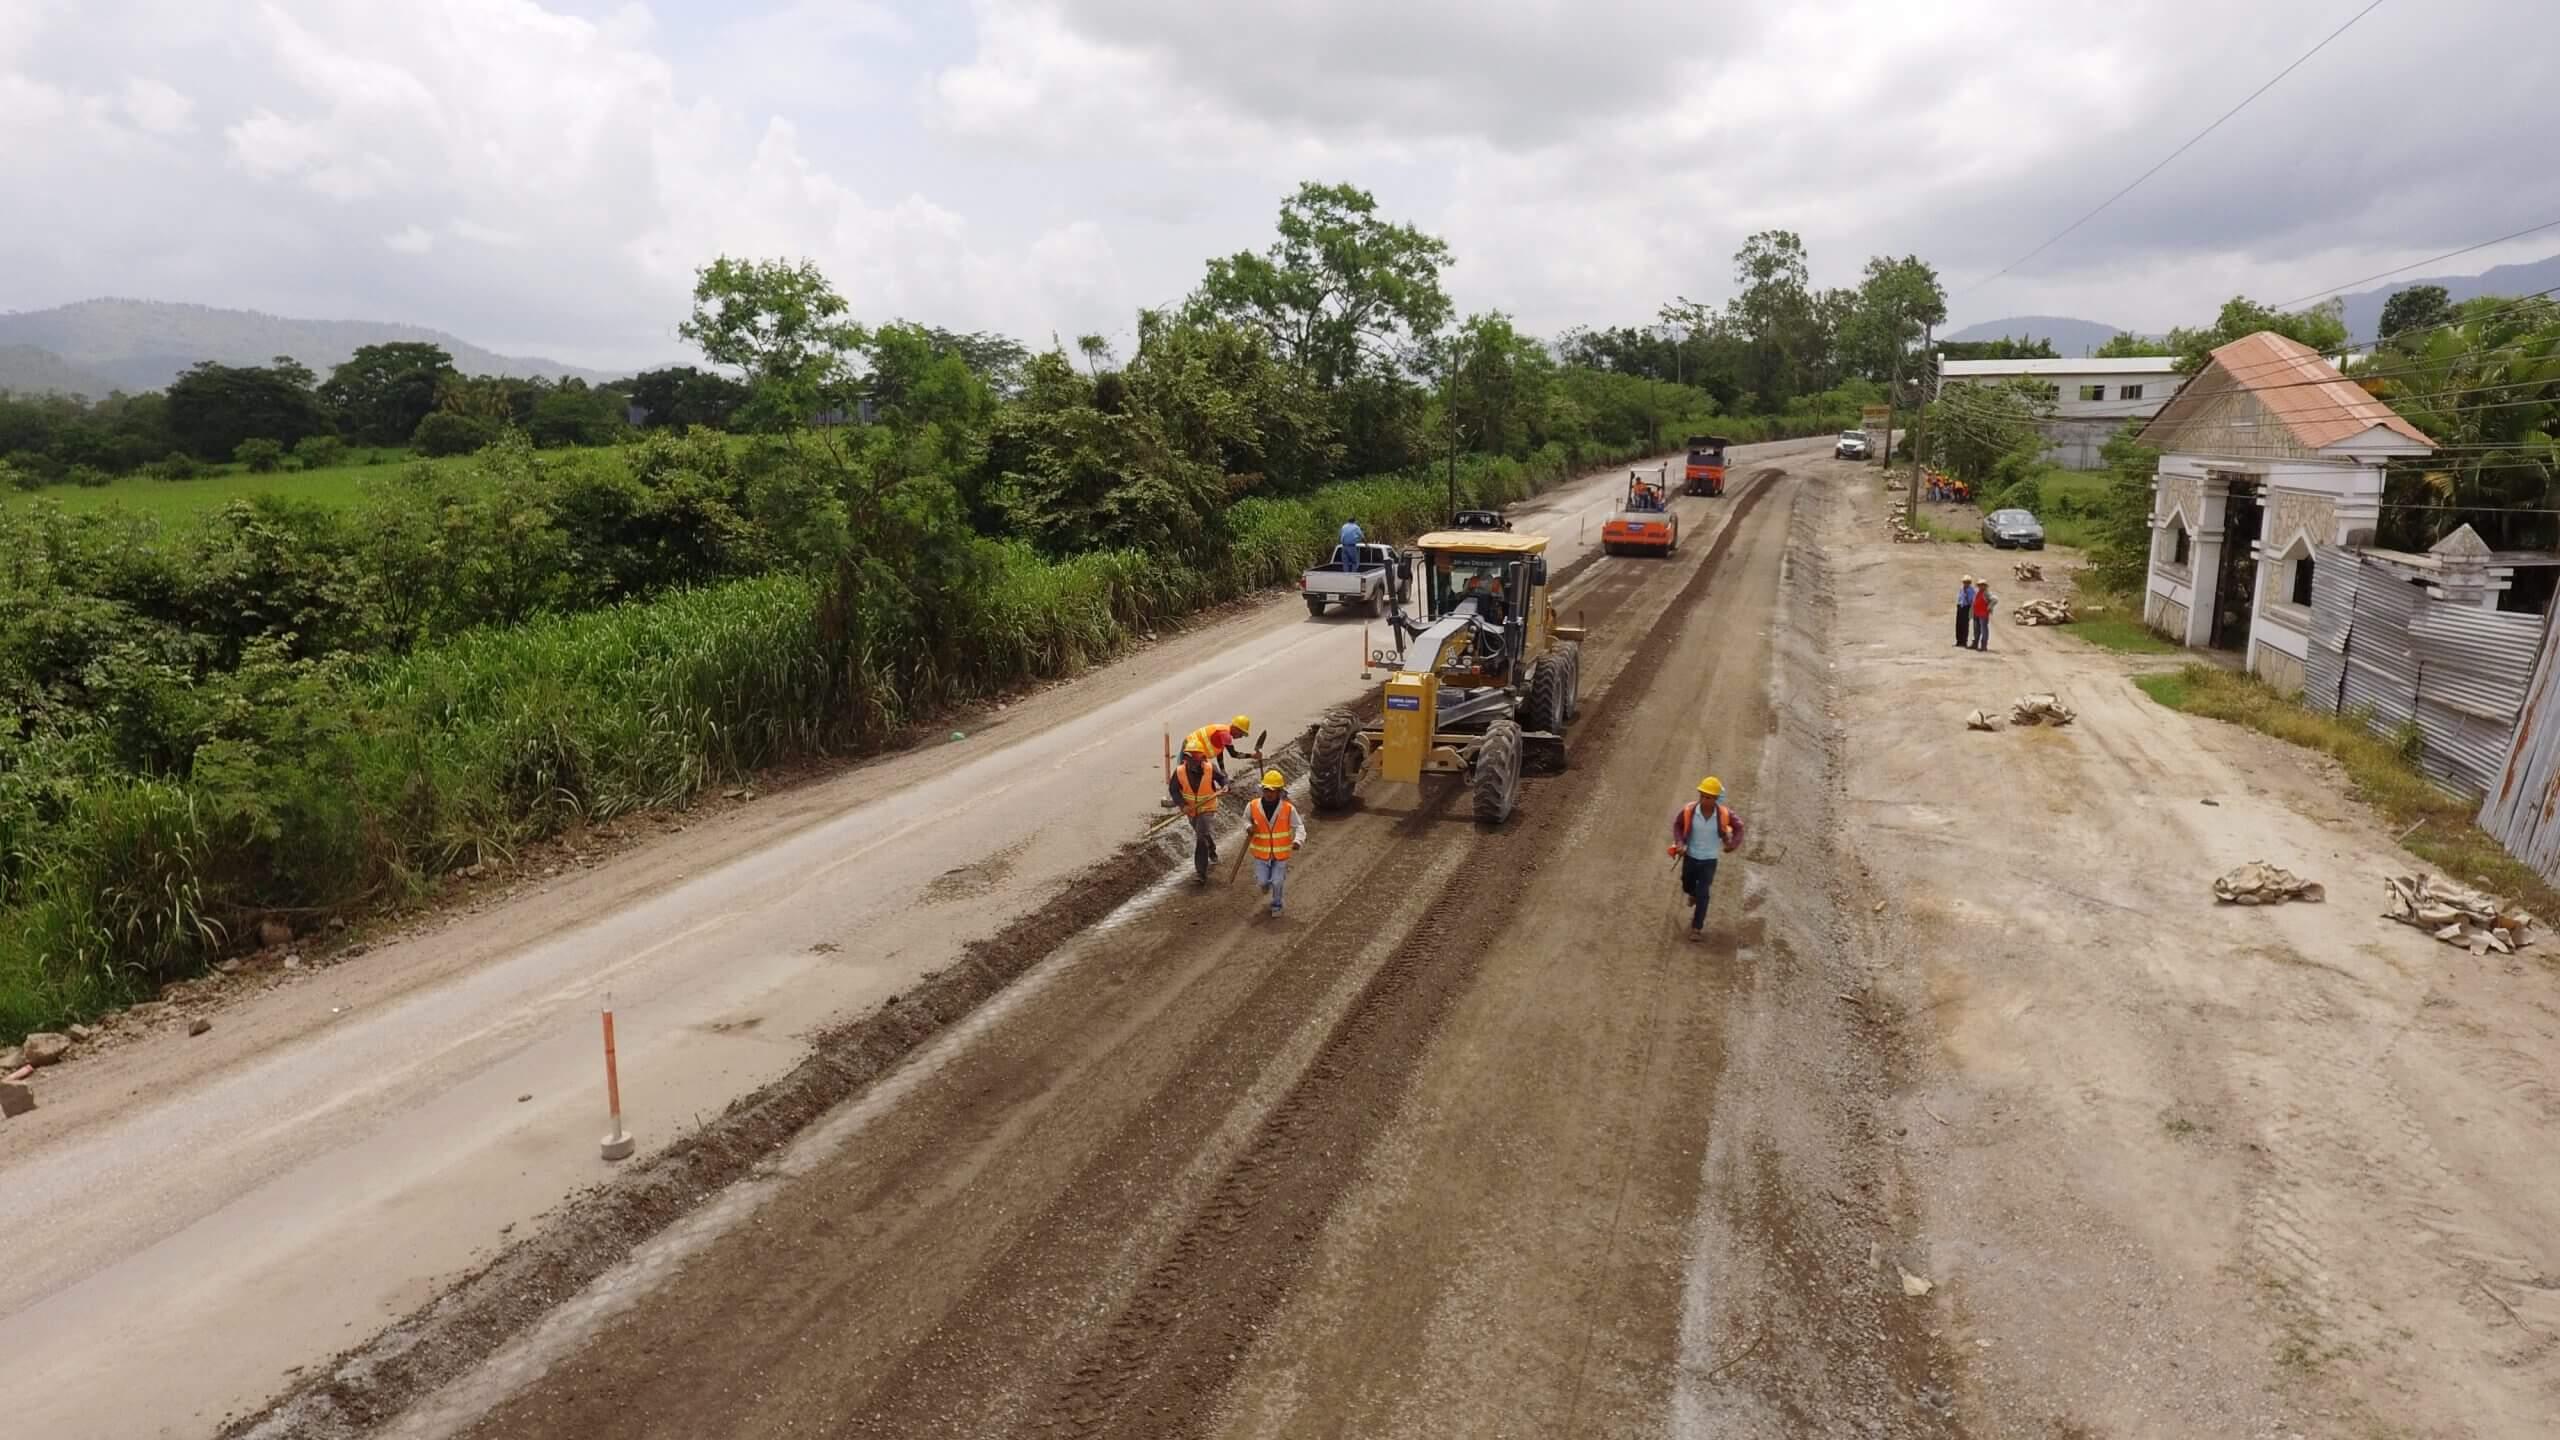 Gabriel Couto conquista novos territórios na América Central